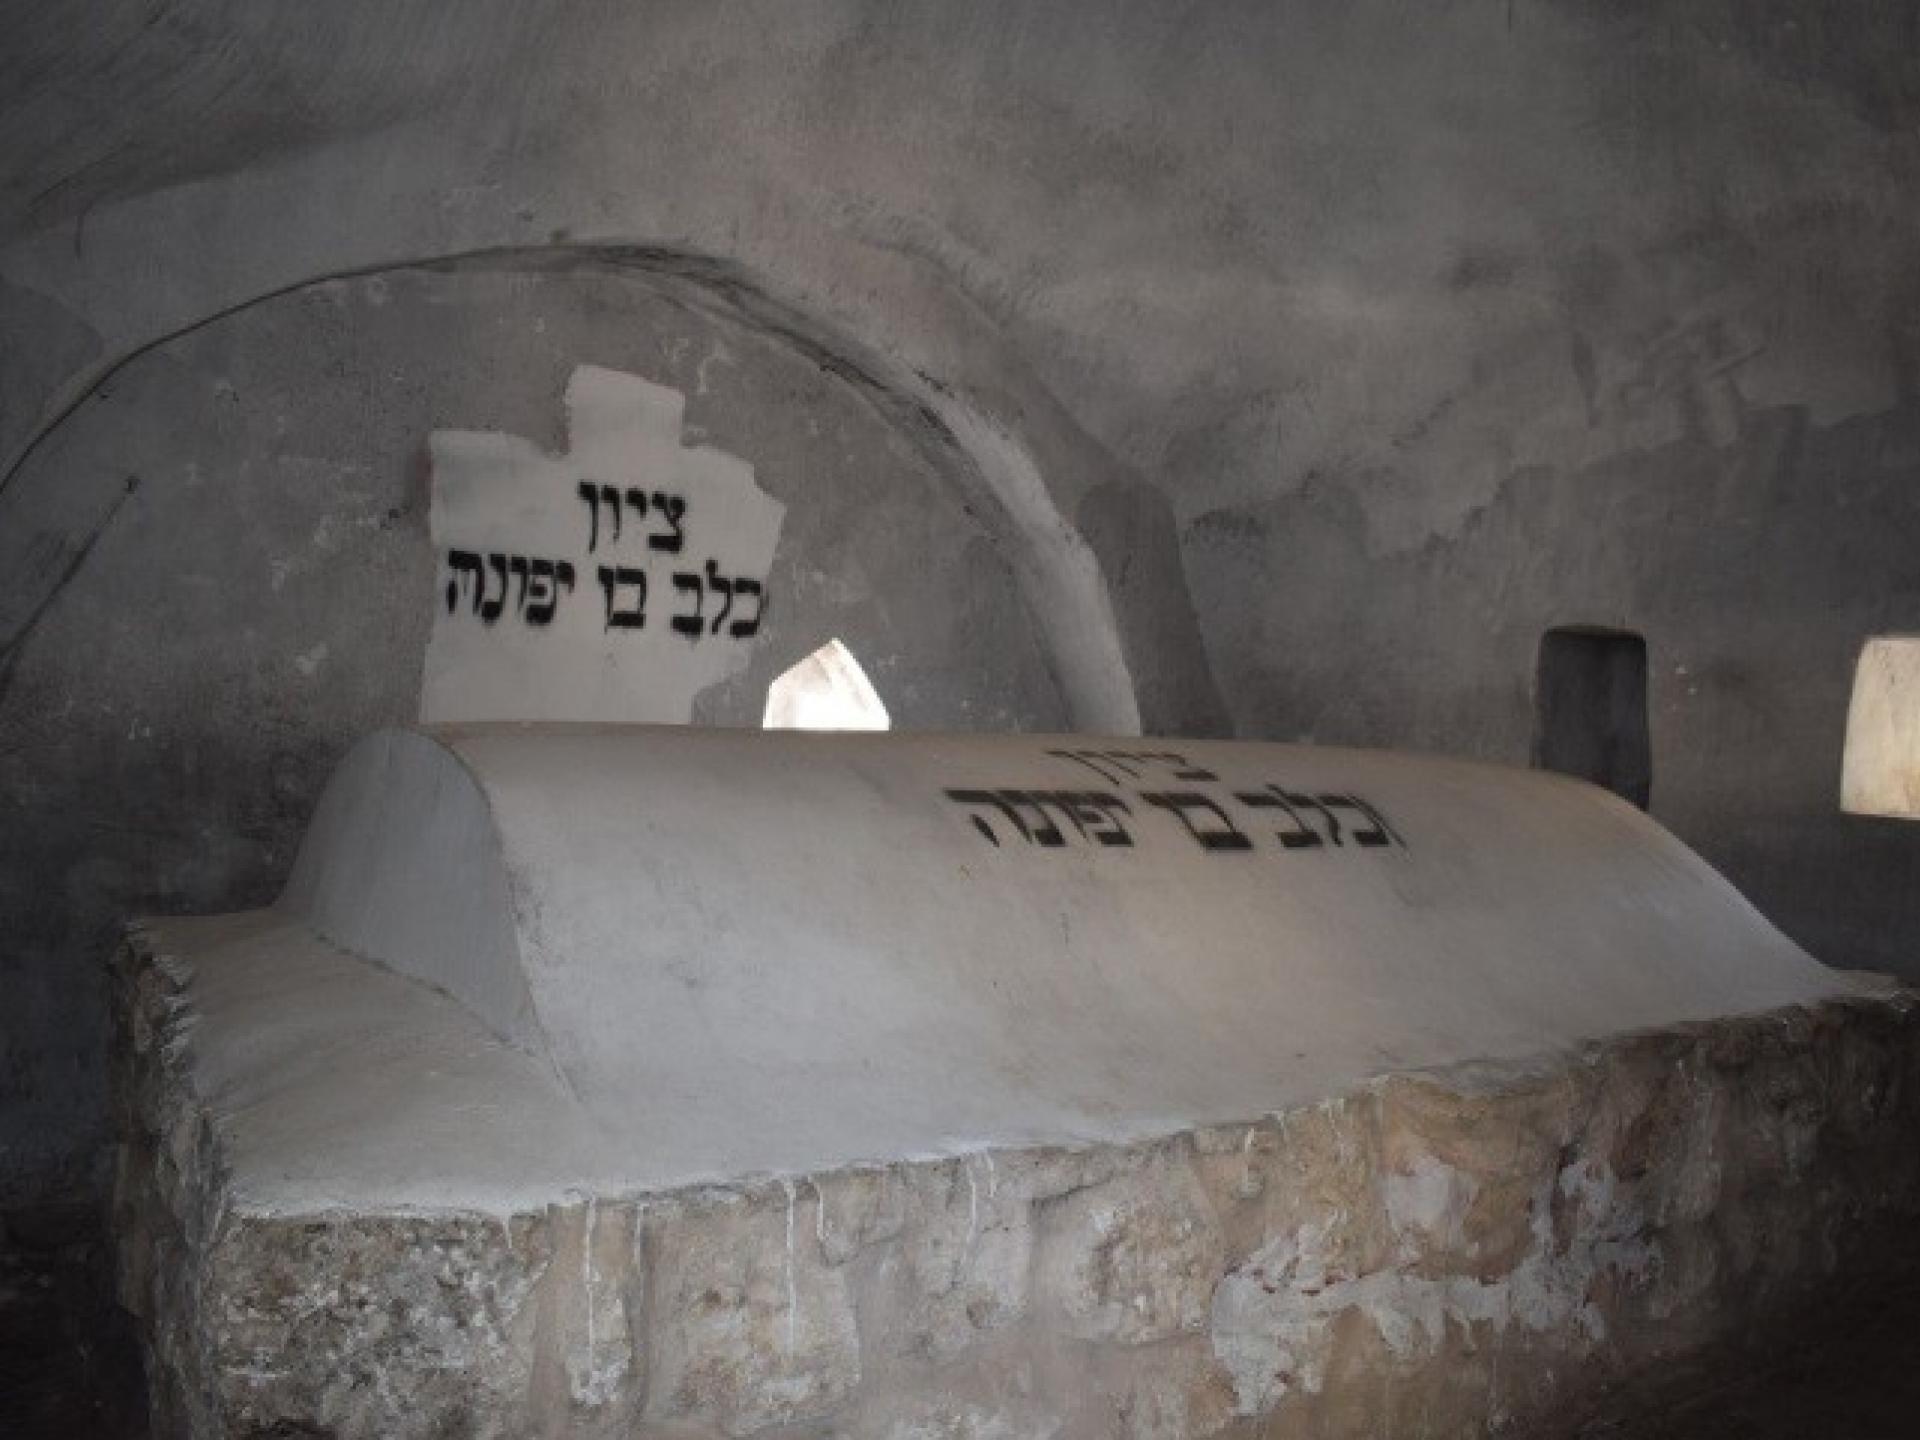 Grave of Kalev Ben Yefune